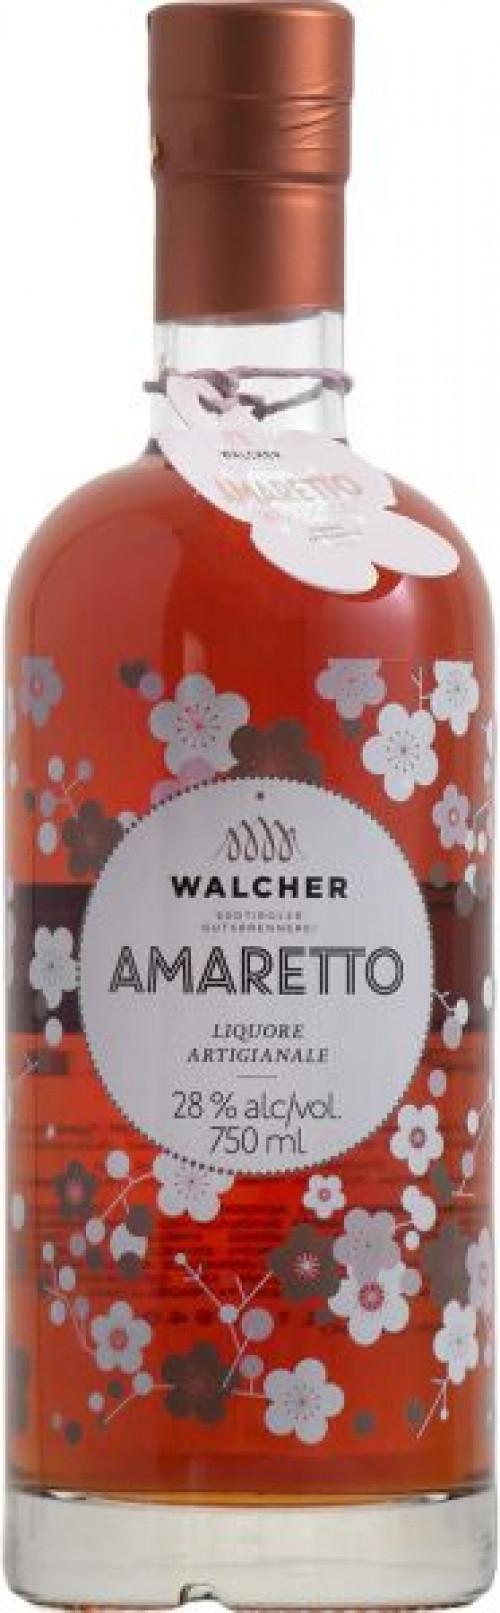 Walcher Amaretto 750ml